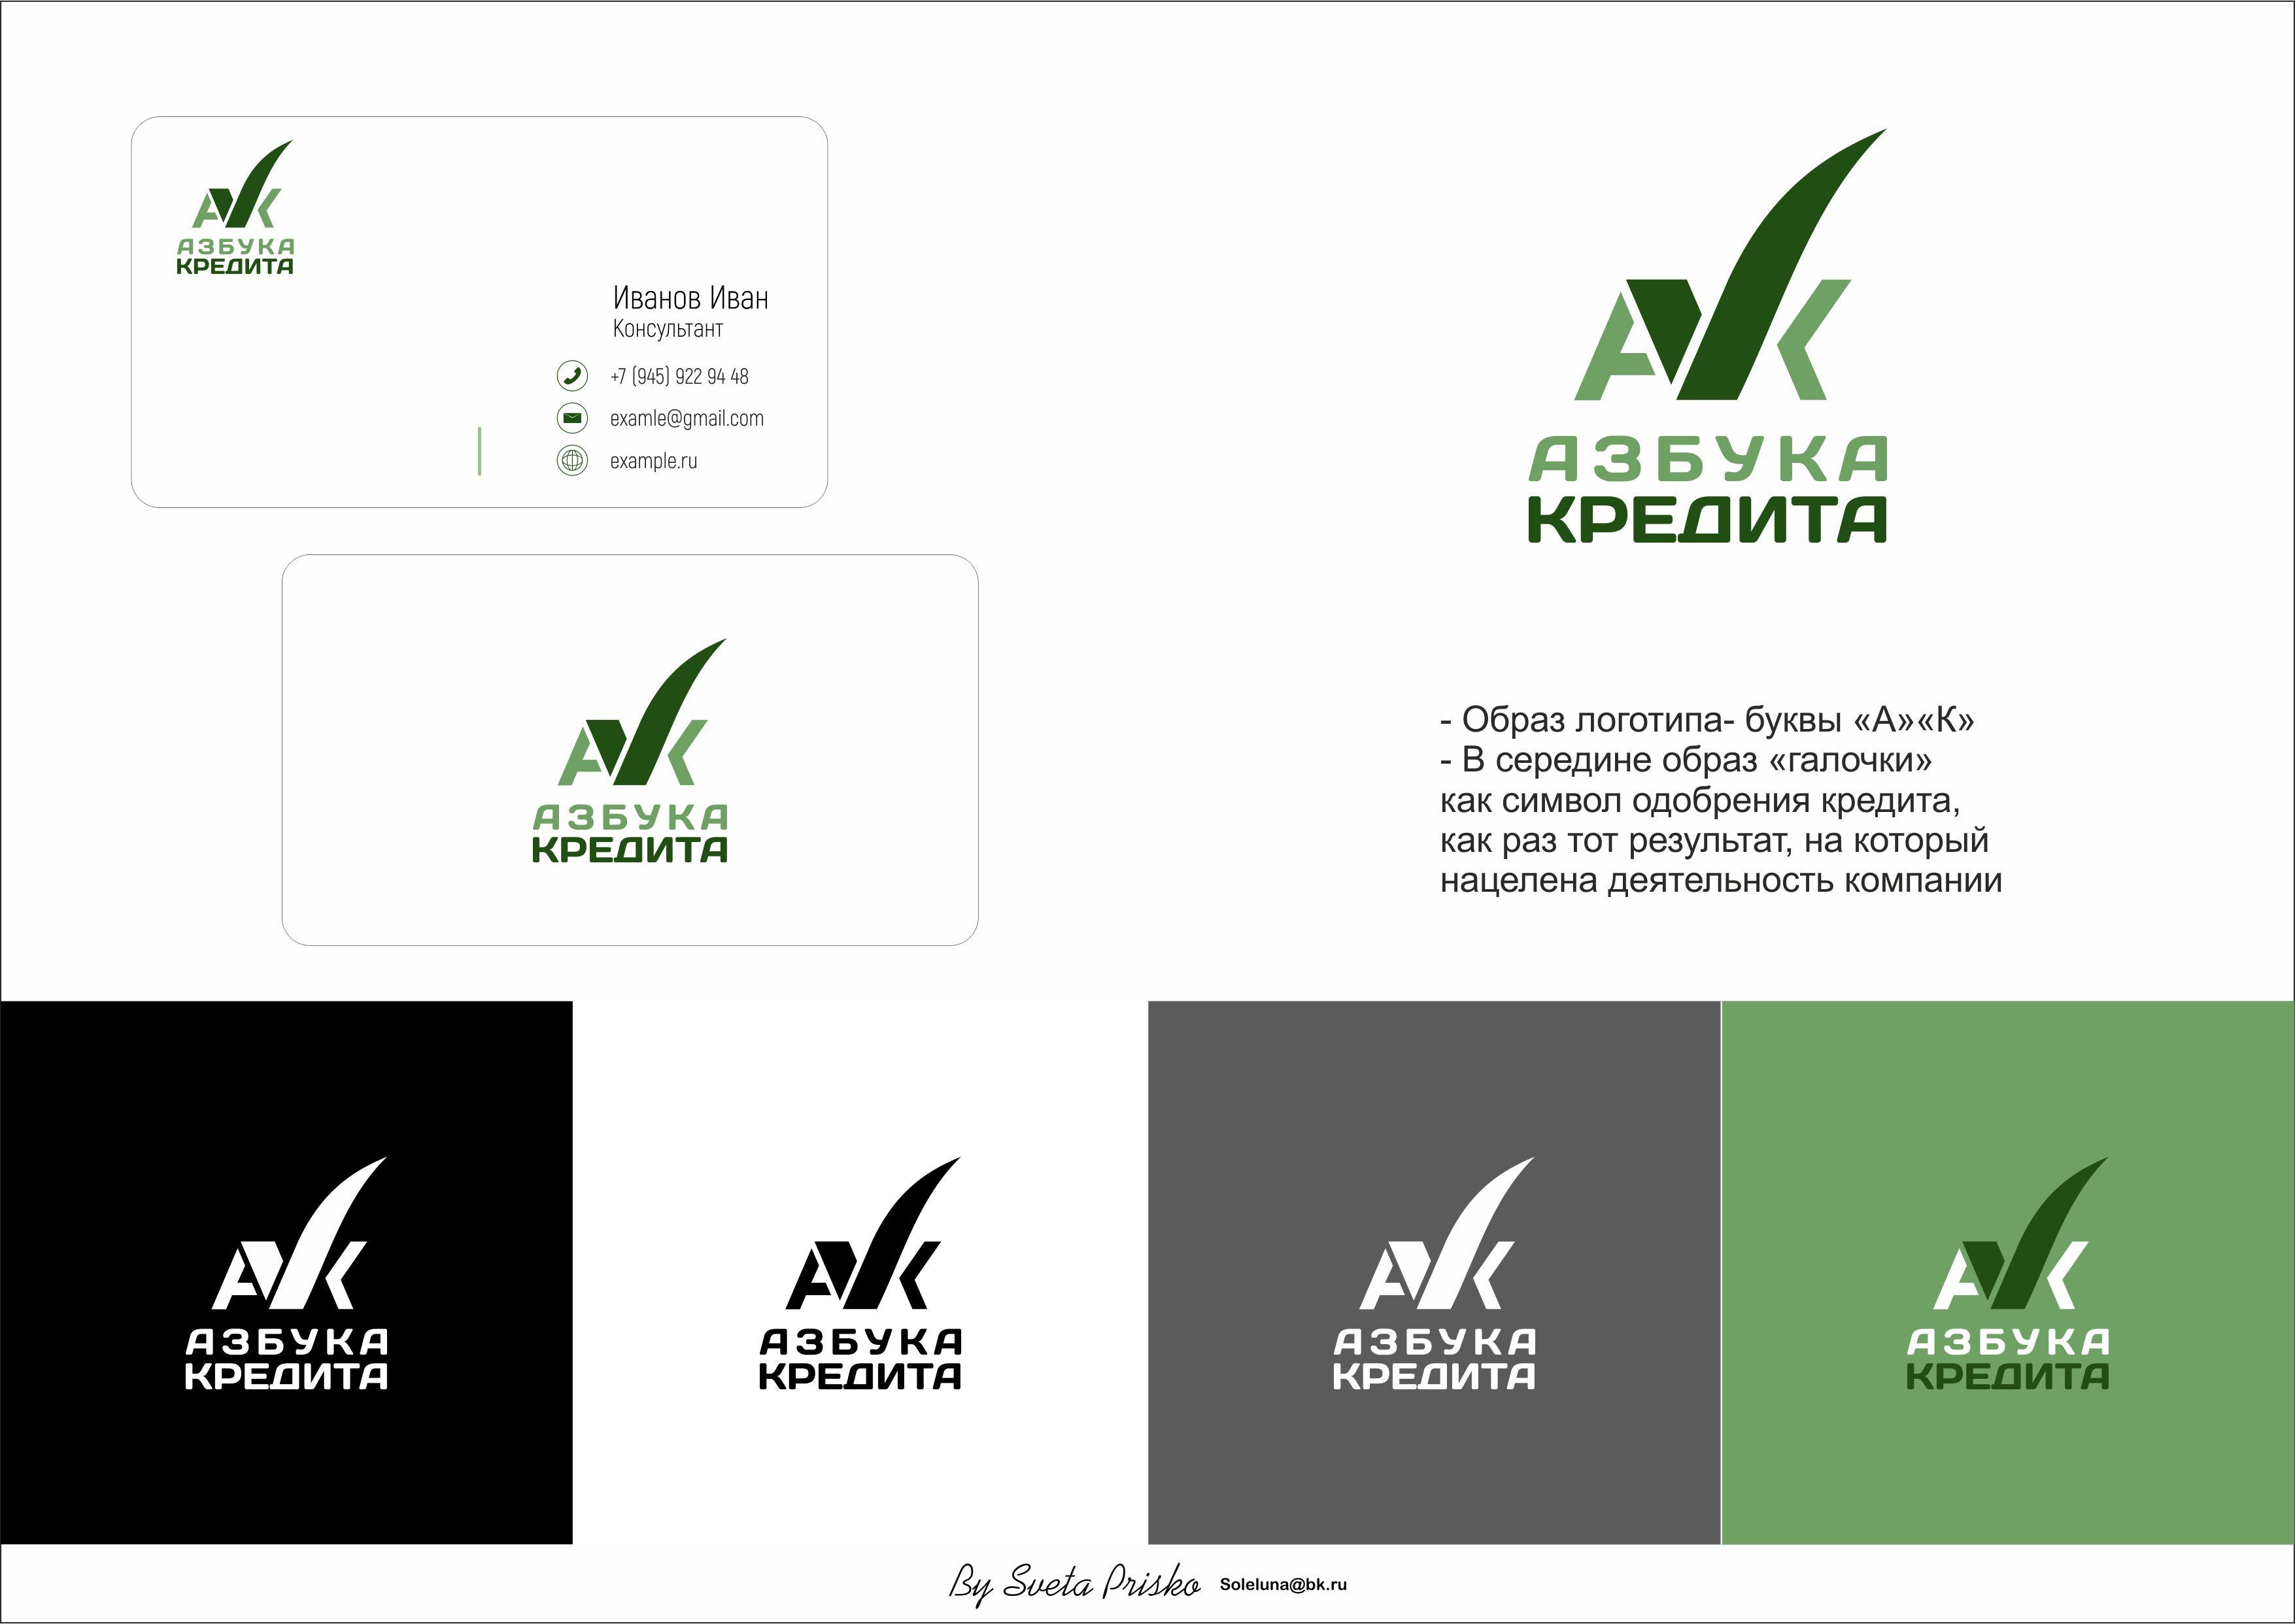 Разработать логотип для финансовой компании фото f_7075deff21f0a55b.jpg